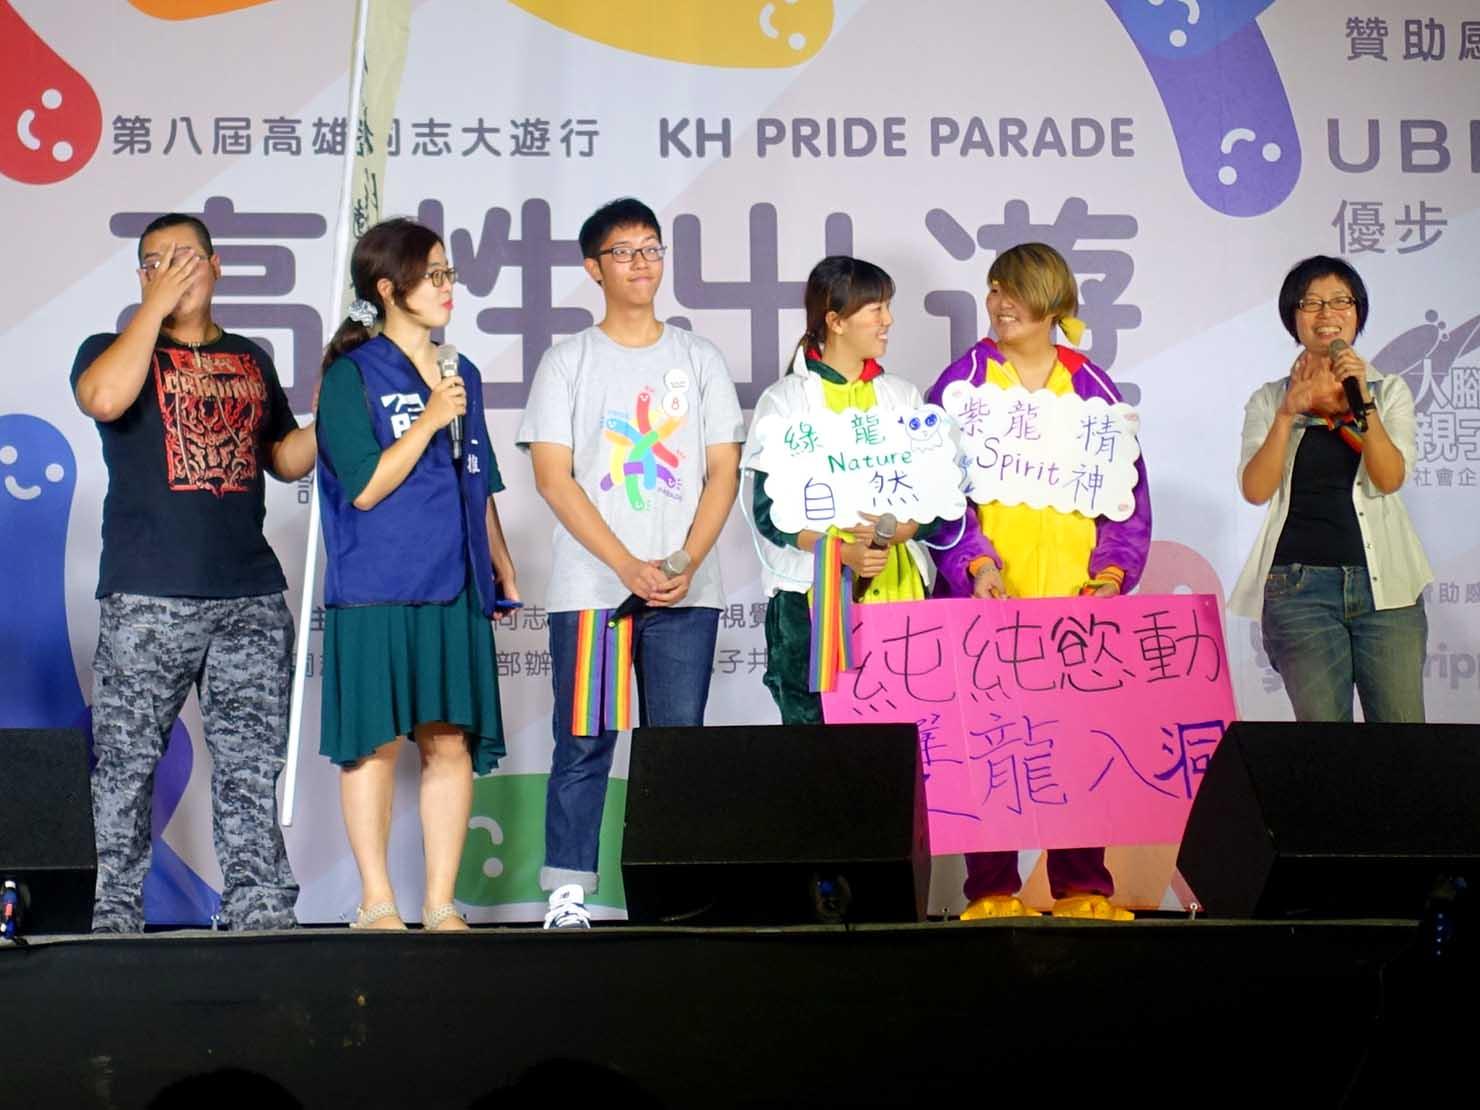 高雄同志大遊行(高雄レインボーパレード)2017のステージでスピーチをする高校生たち